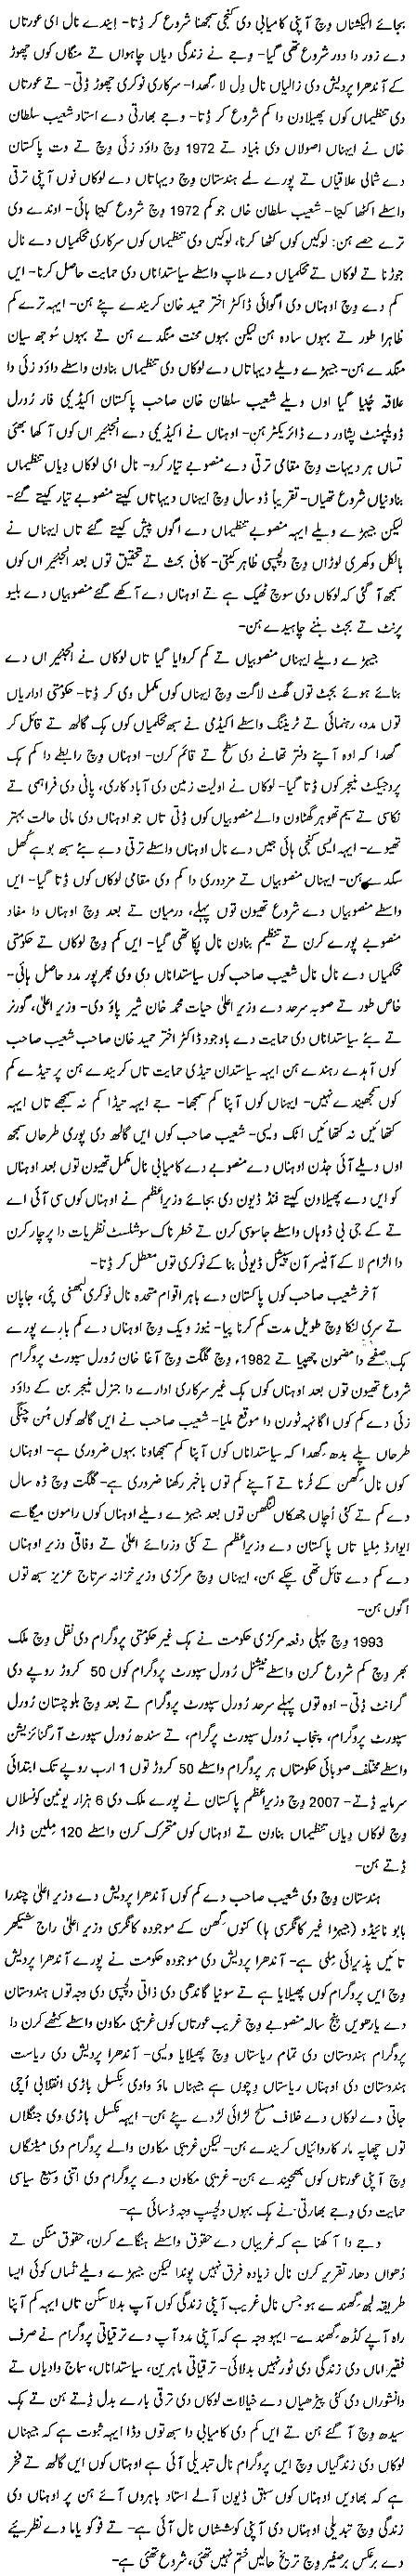 Faqir Amma (Fayyaz Baqir) Part-6